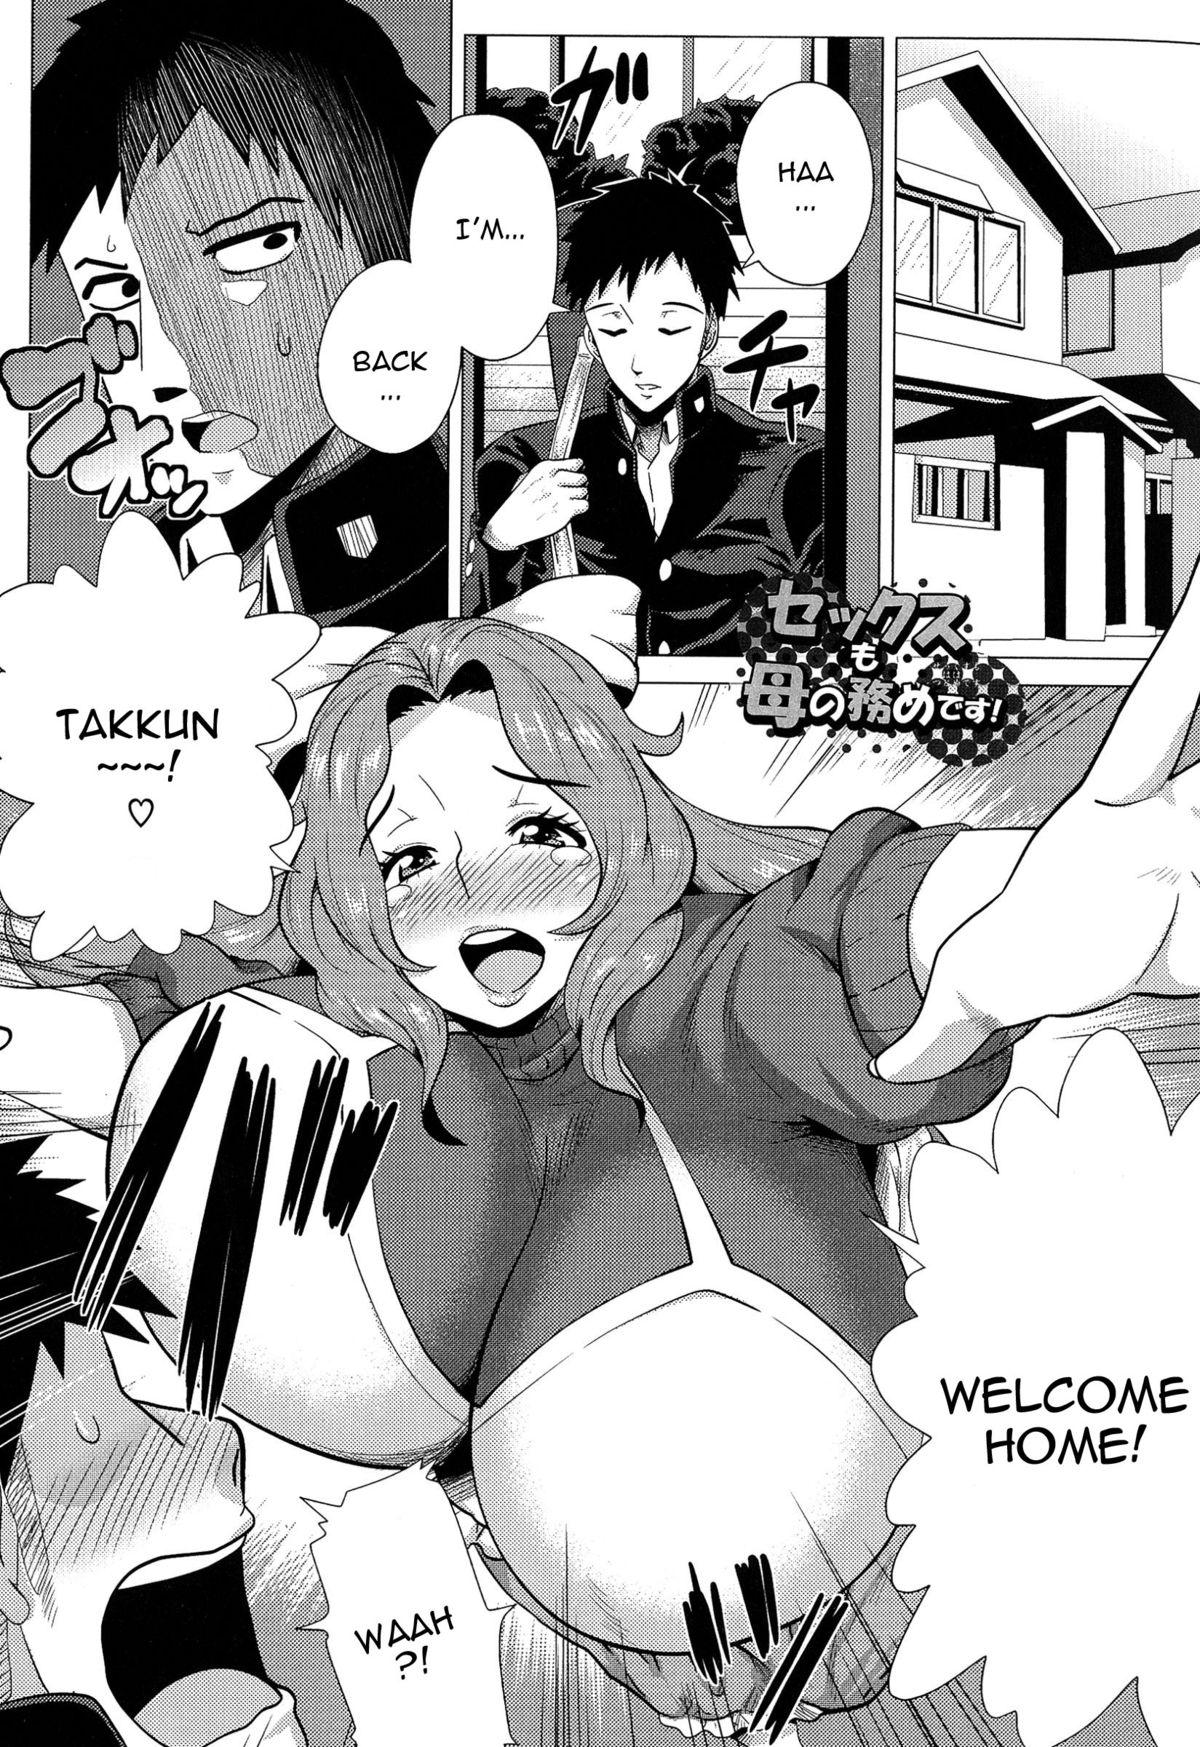 [Yokkora] Megabody Night ~Watashi no Oniku wo Meshiagare~ | Megabody Night ~My voluptuous body & mom love~ [English] {Laruffi + desudesu + EHCOVE} 7